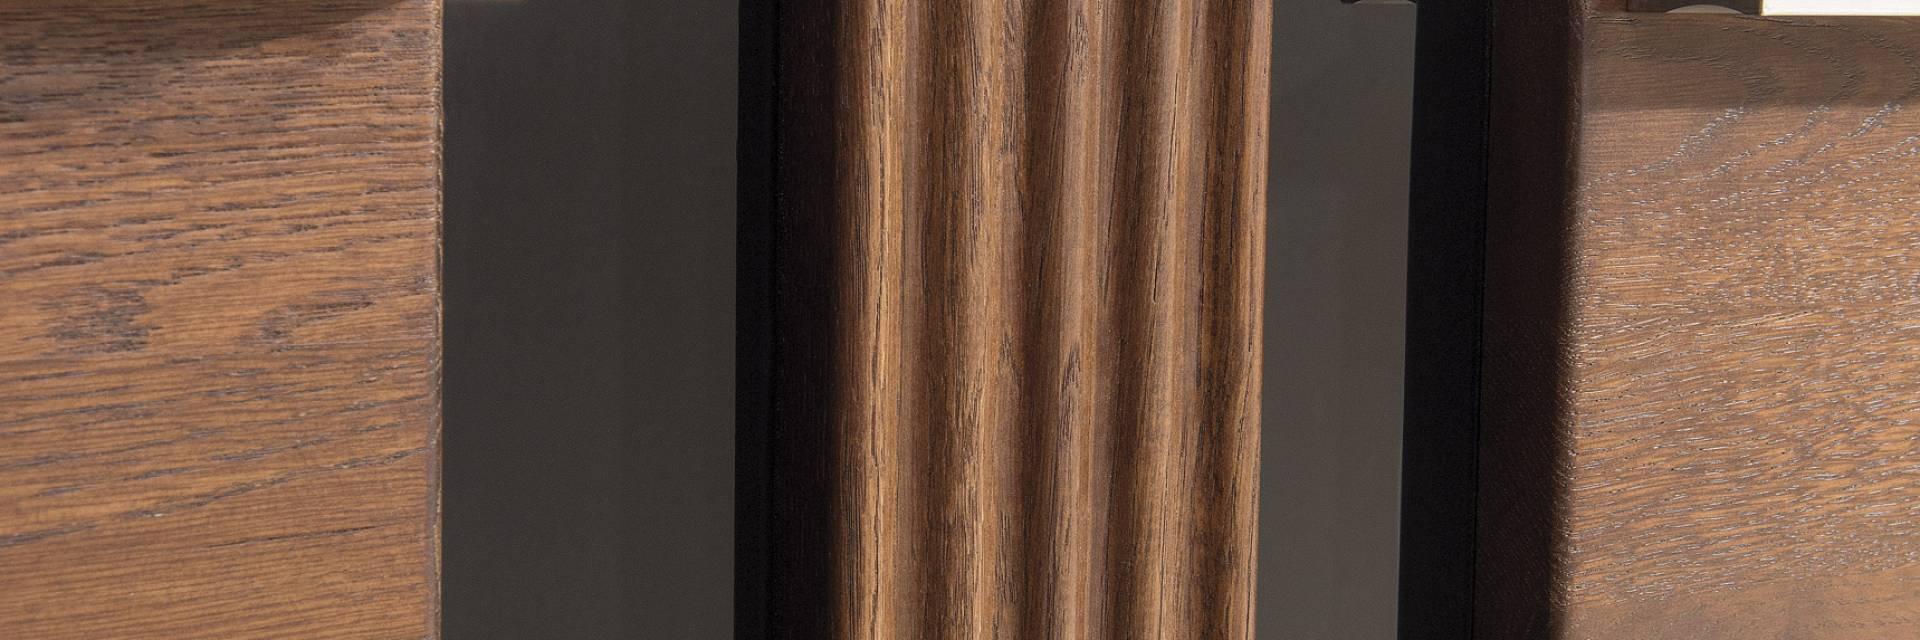 Kolekcja Mebli Porti z Drewna Dębowego do Salonu